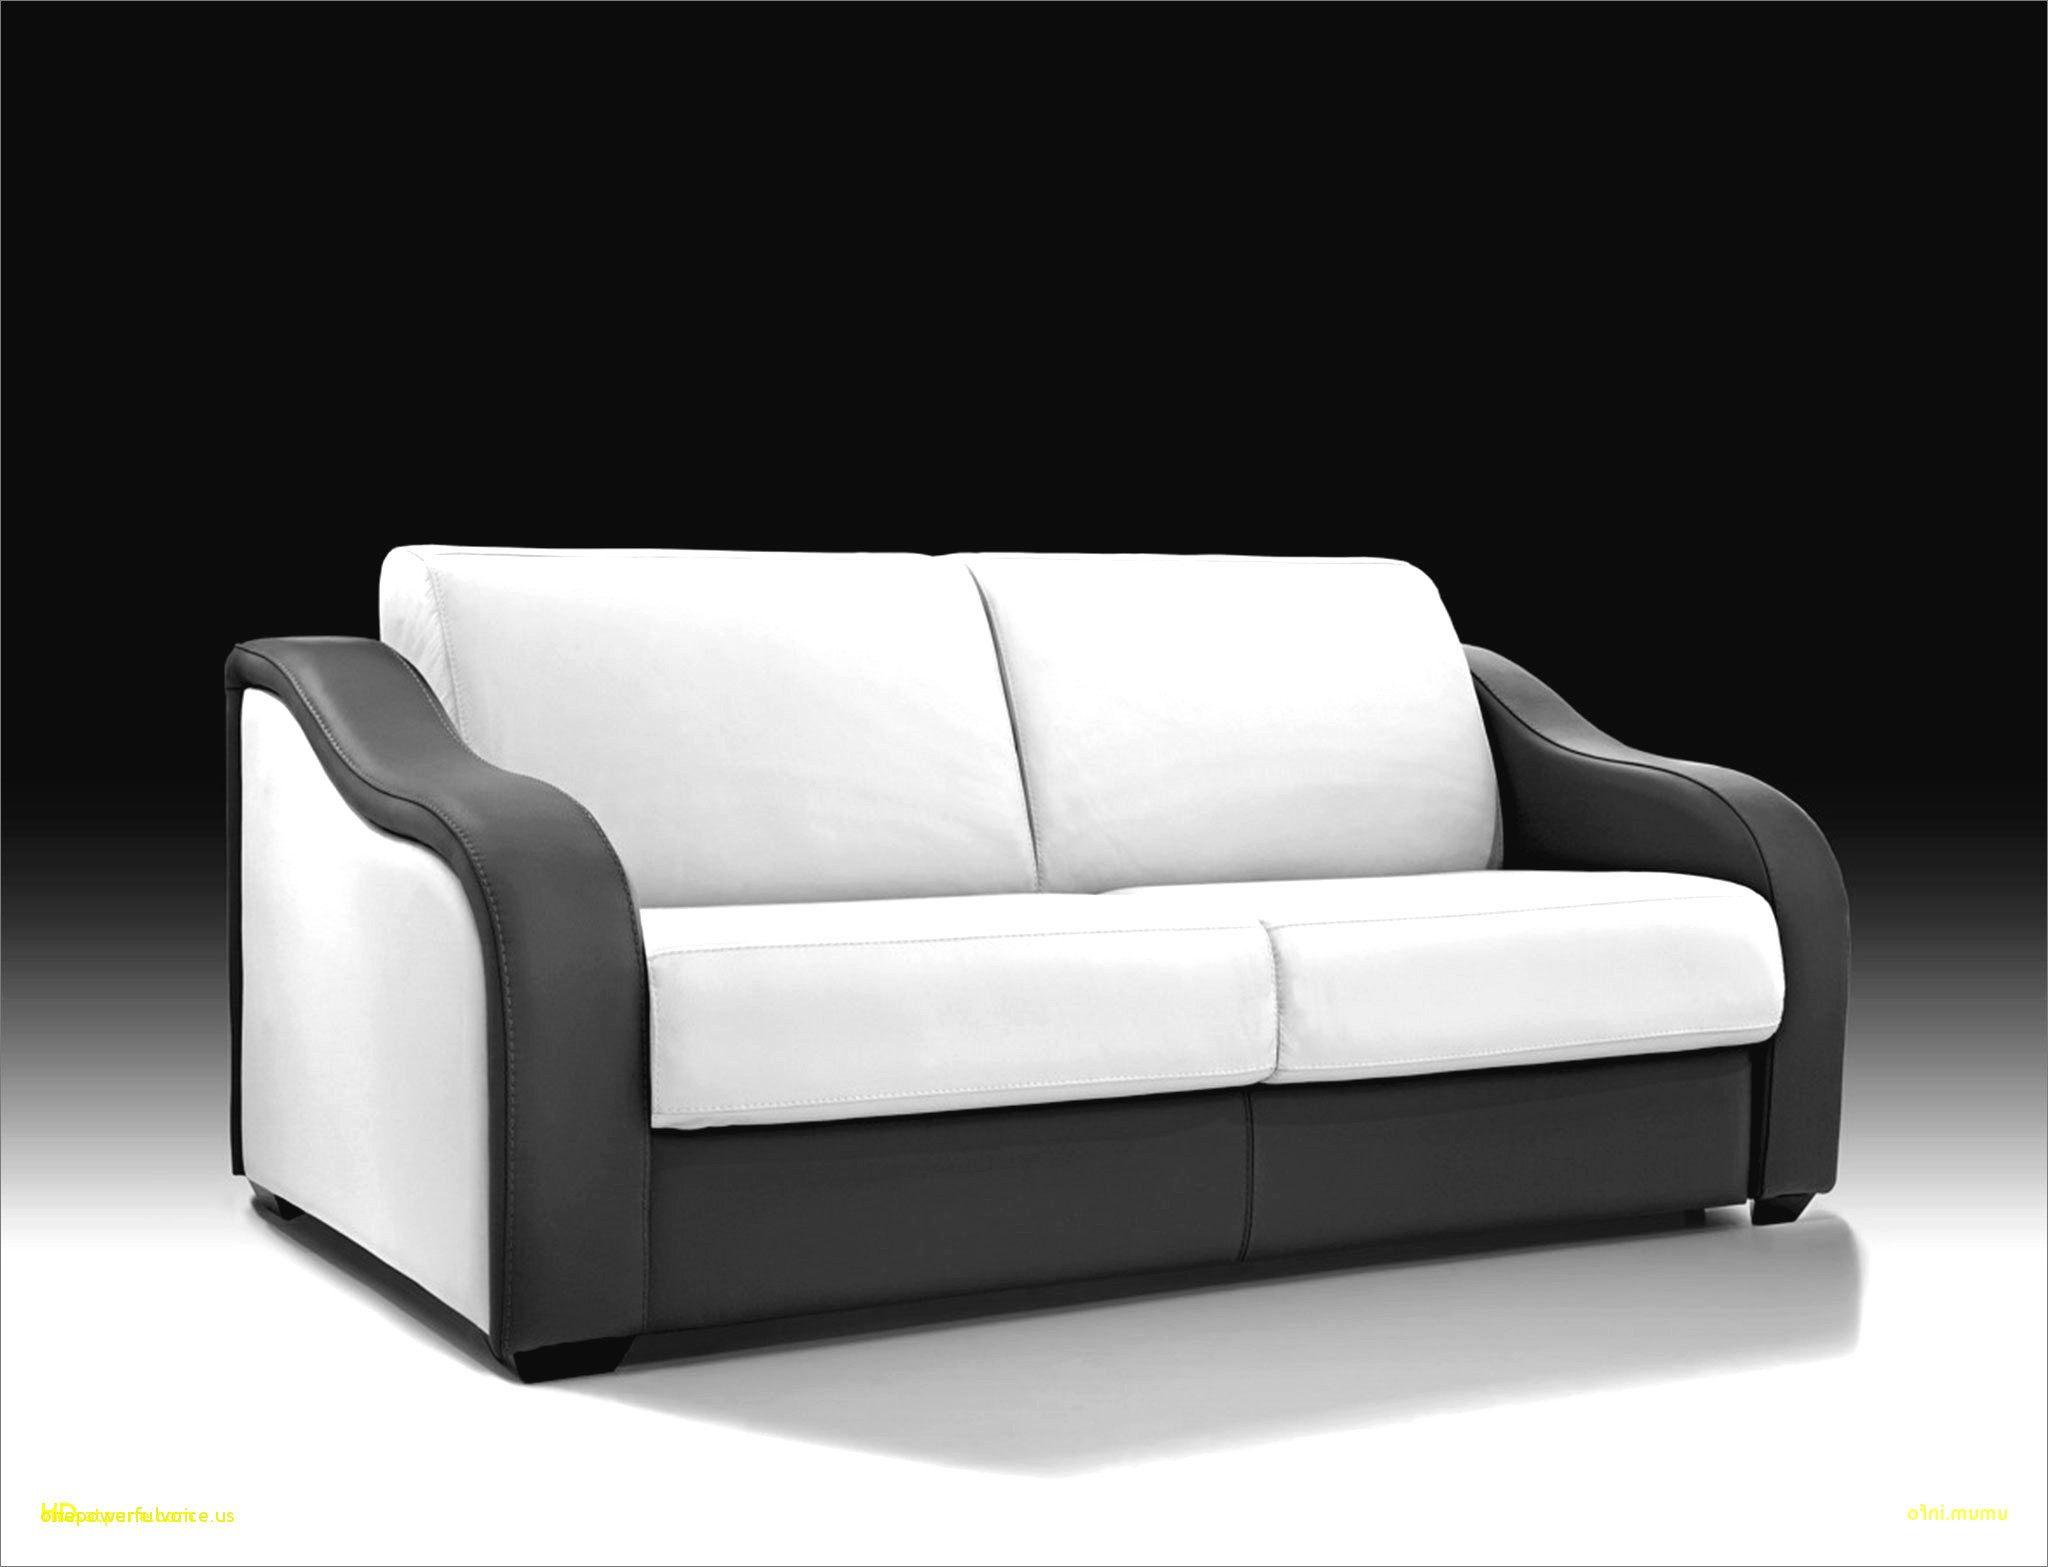 Canapé D Angle Lit Unique Décoratif Canapé Lit D Angle Convertible Avec Meuble Et Canapé